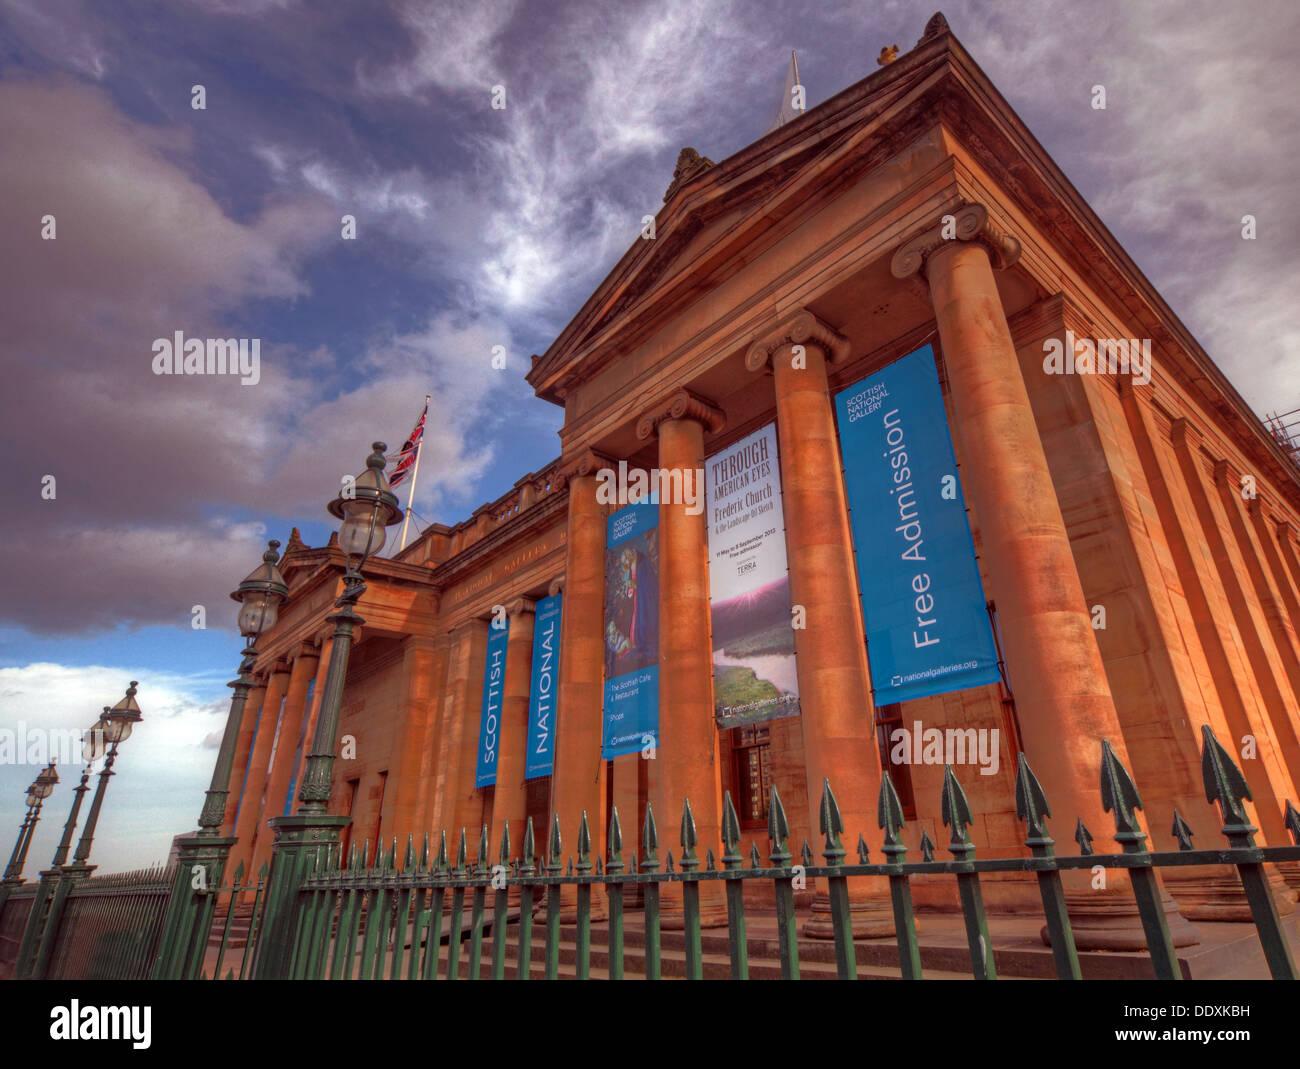 Laden Sie dieses Alamy Stockfoto Nationalen Galerien von Schottland Edinburgh Stadt auf dem Hügel, UK - DDXKBH